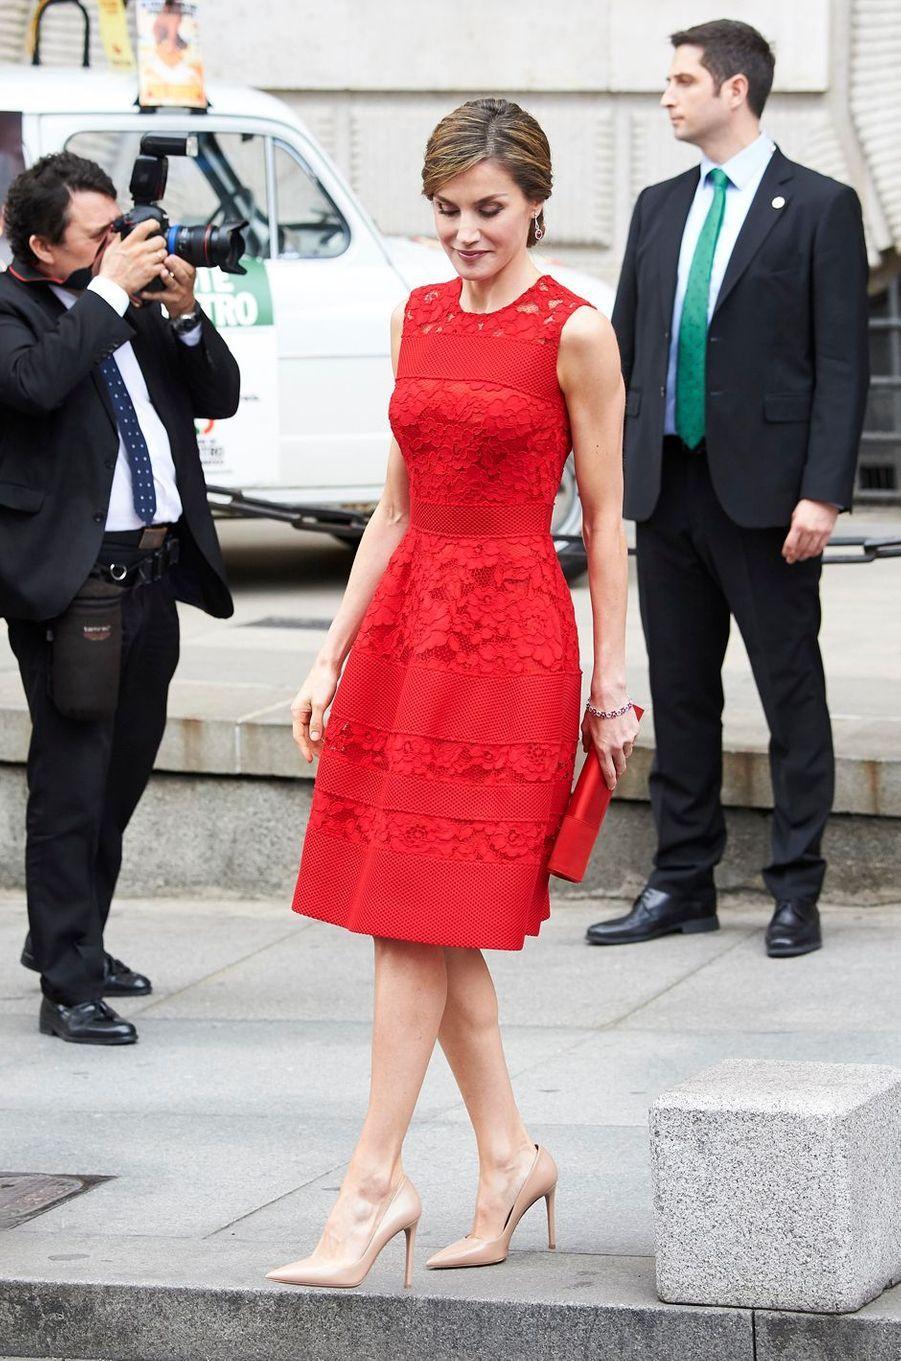 La reine Letizia d'Espagne à Madrid, le 28 juin 2017